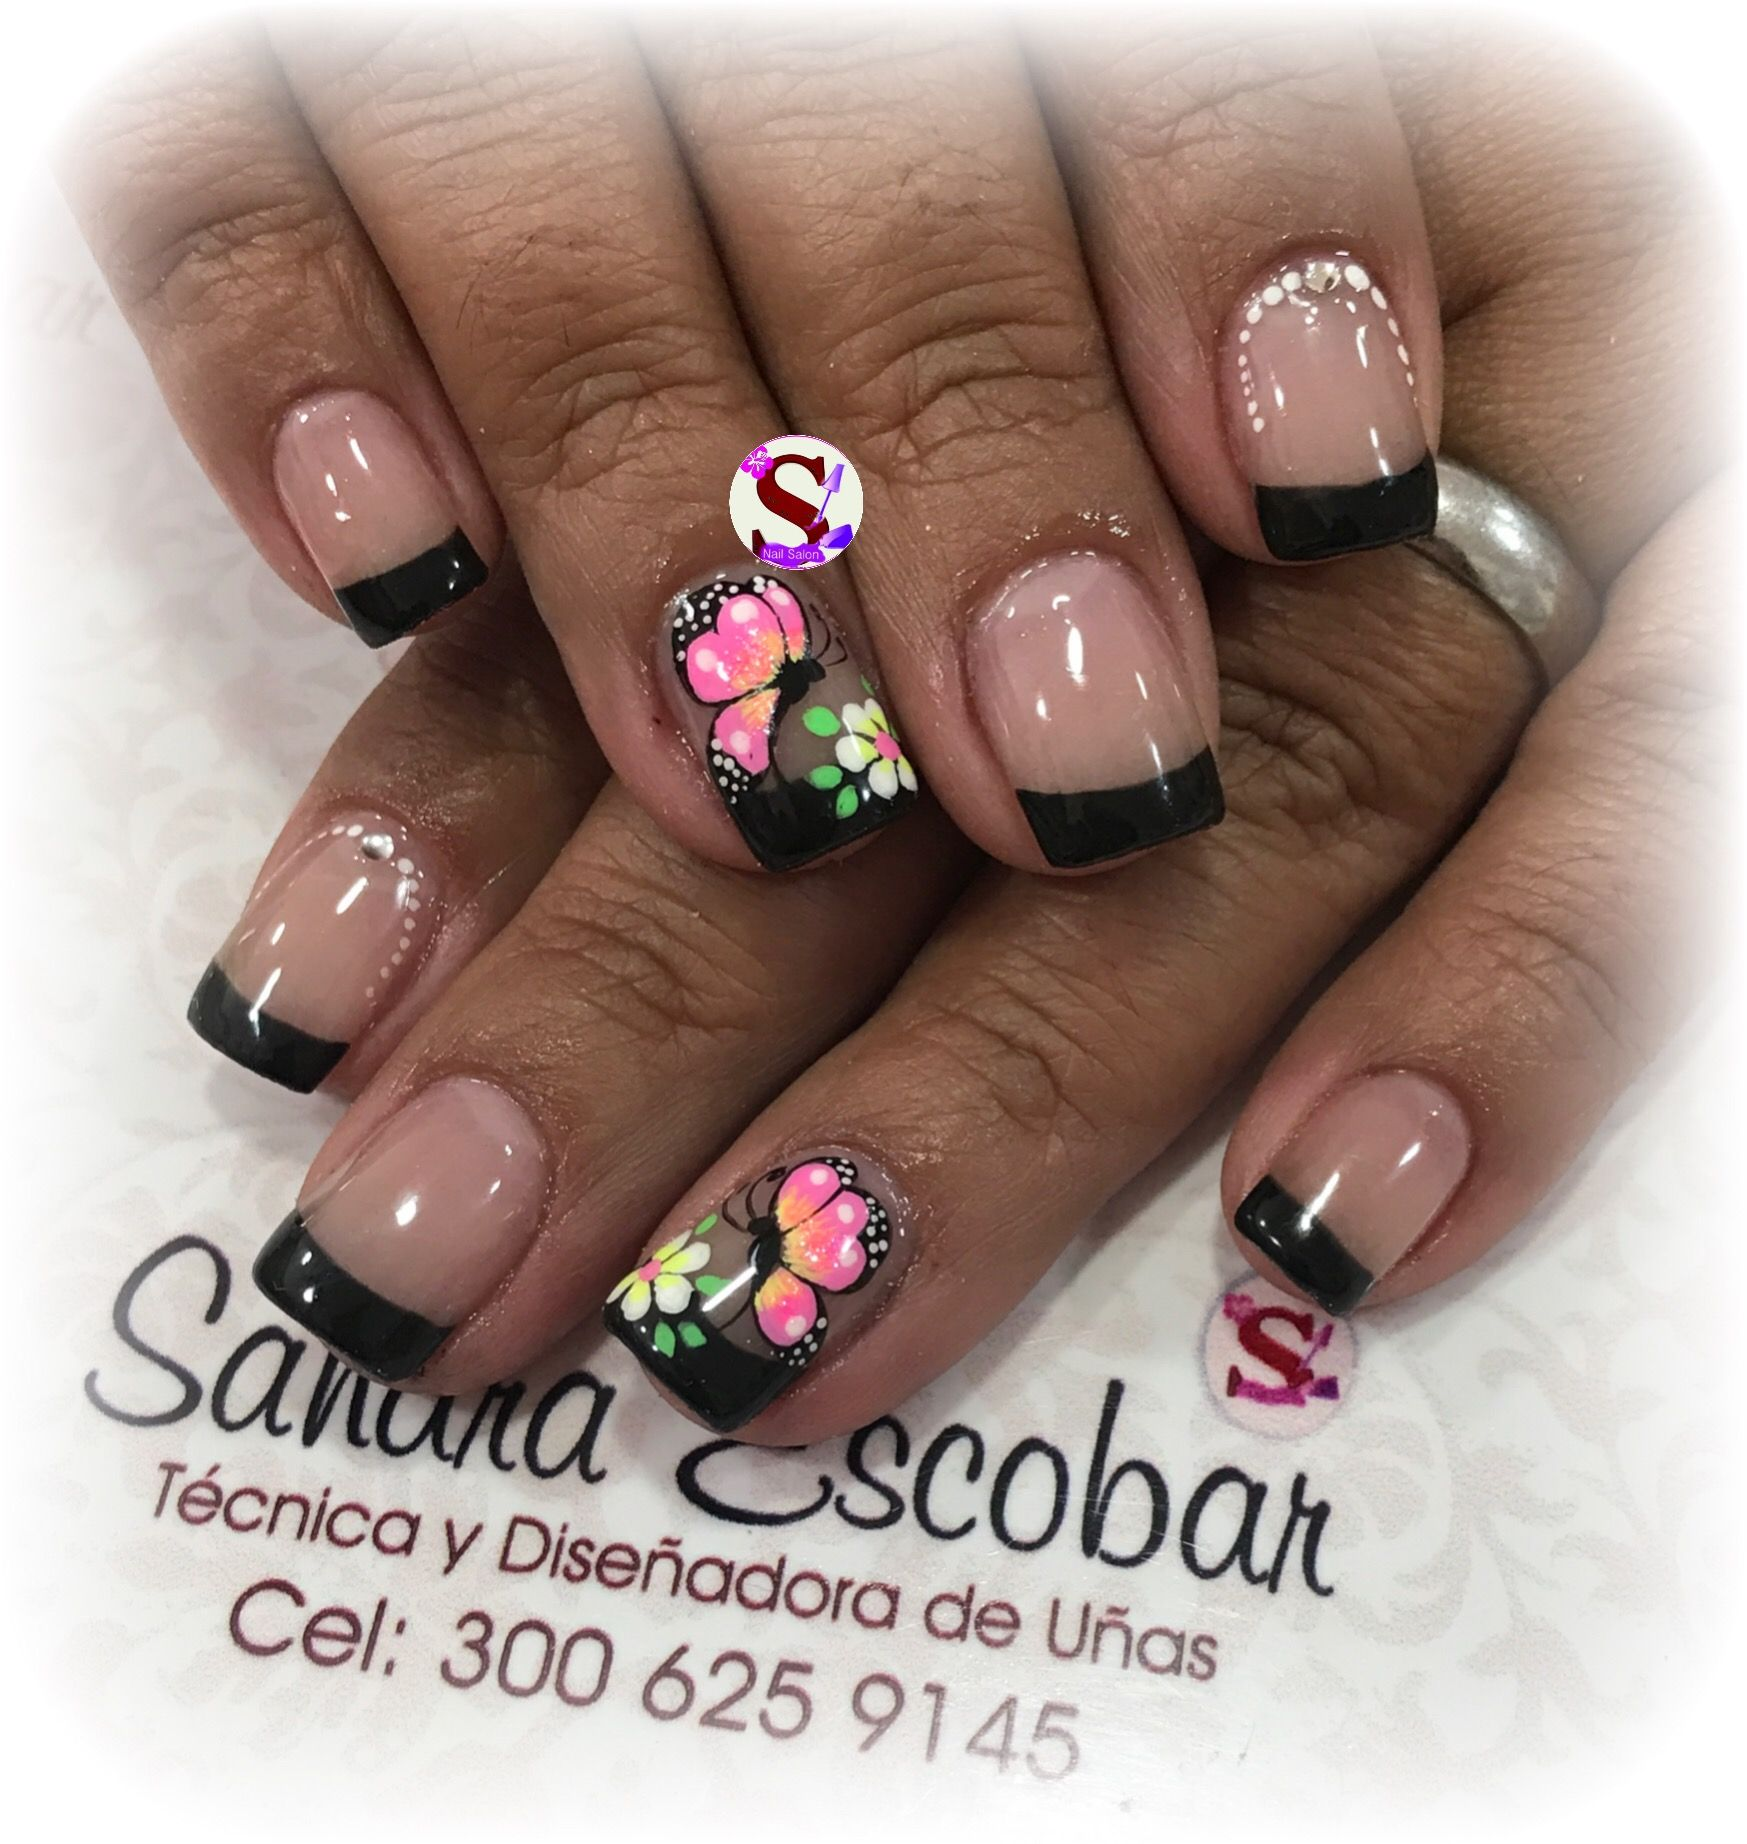 Pin de Lilliana Hernandez Rodriguez en Arte uñas | Uñas ...